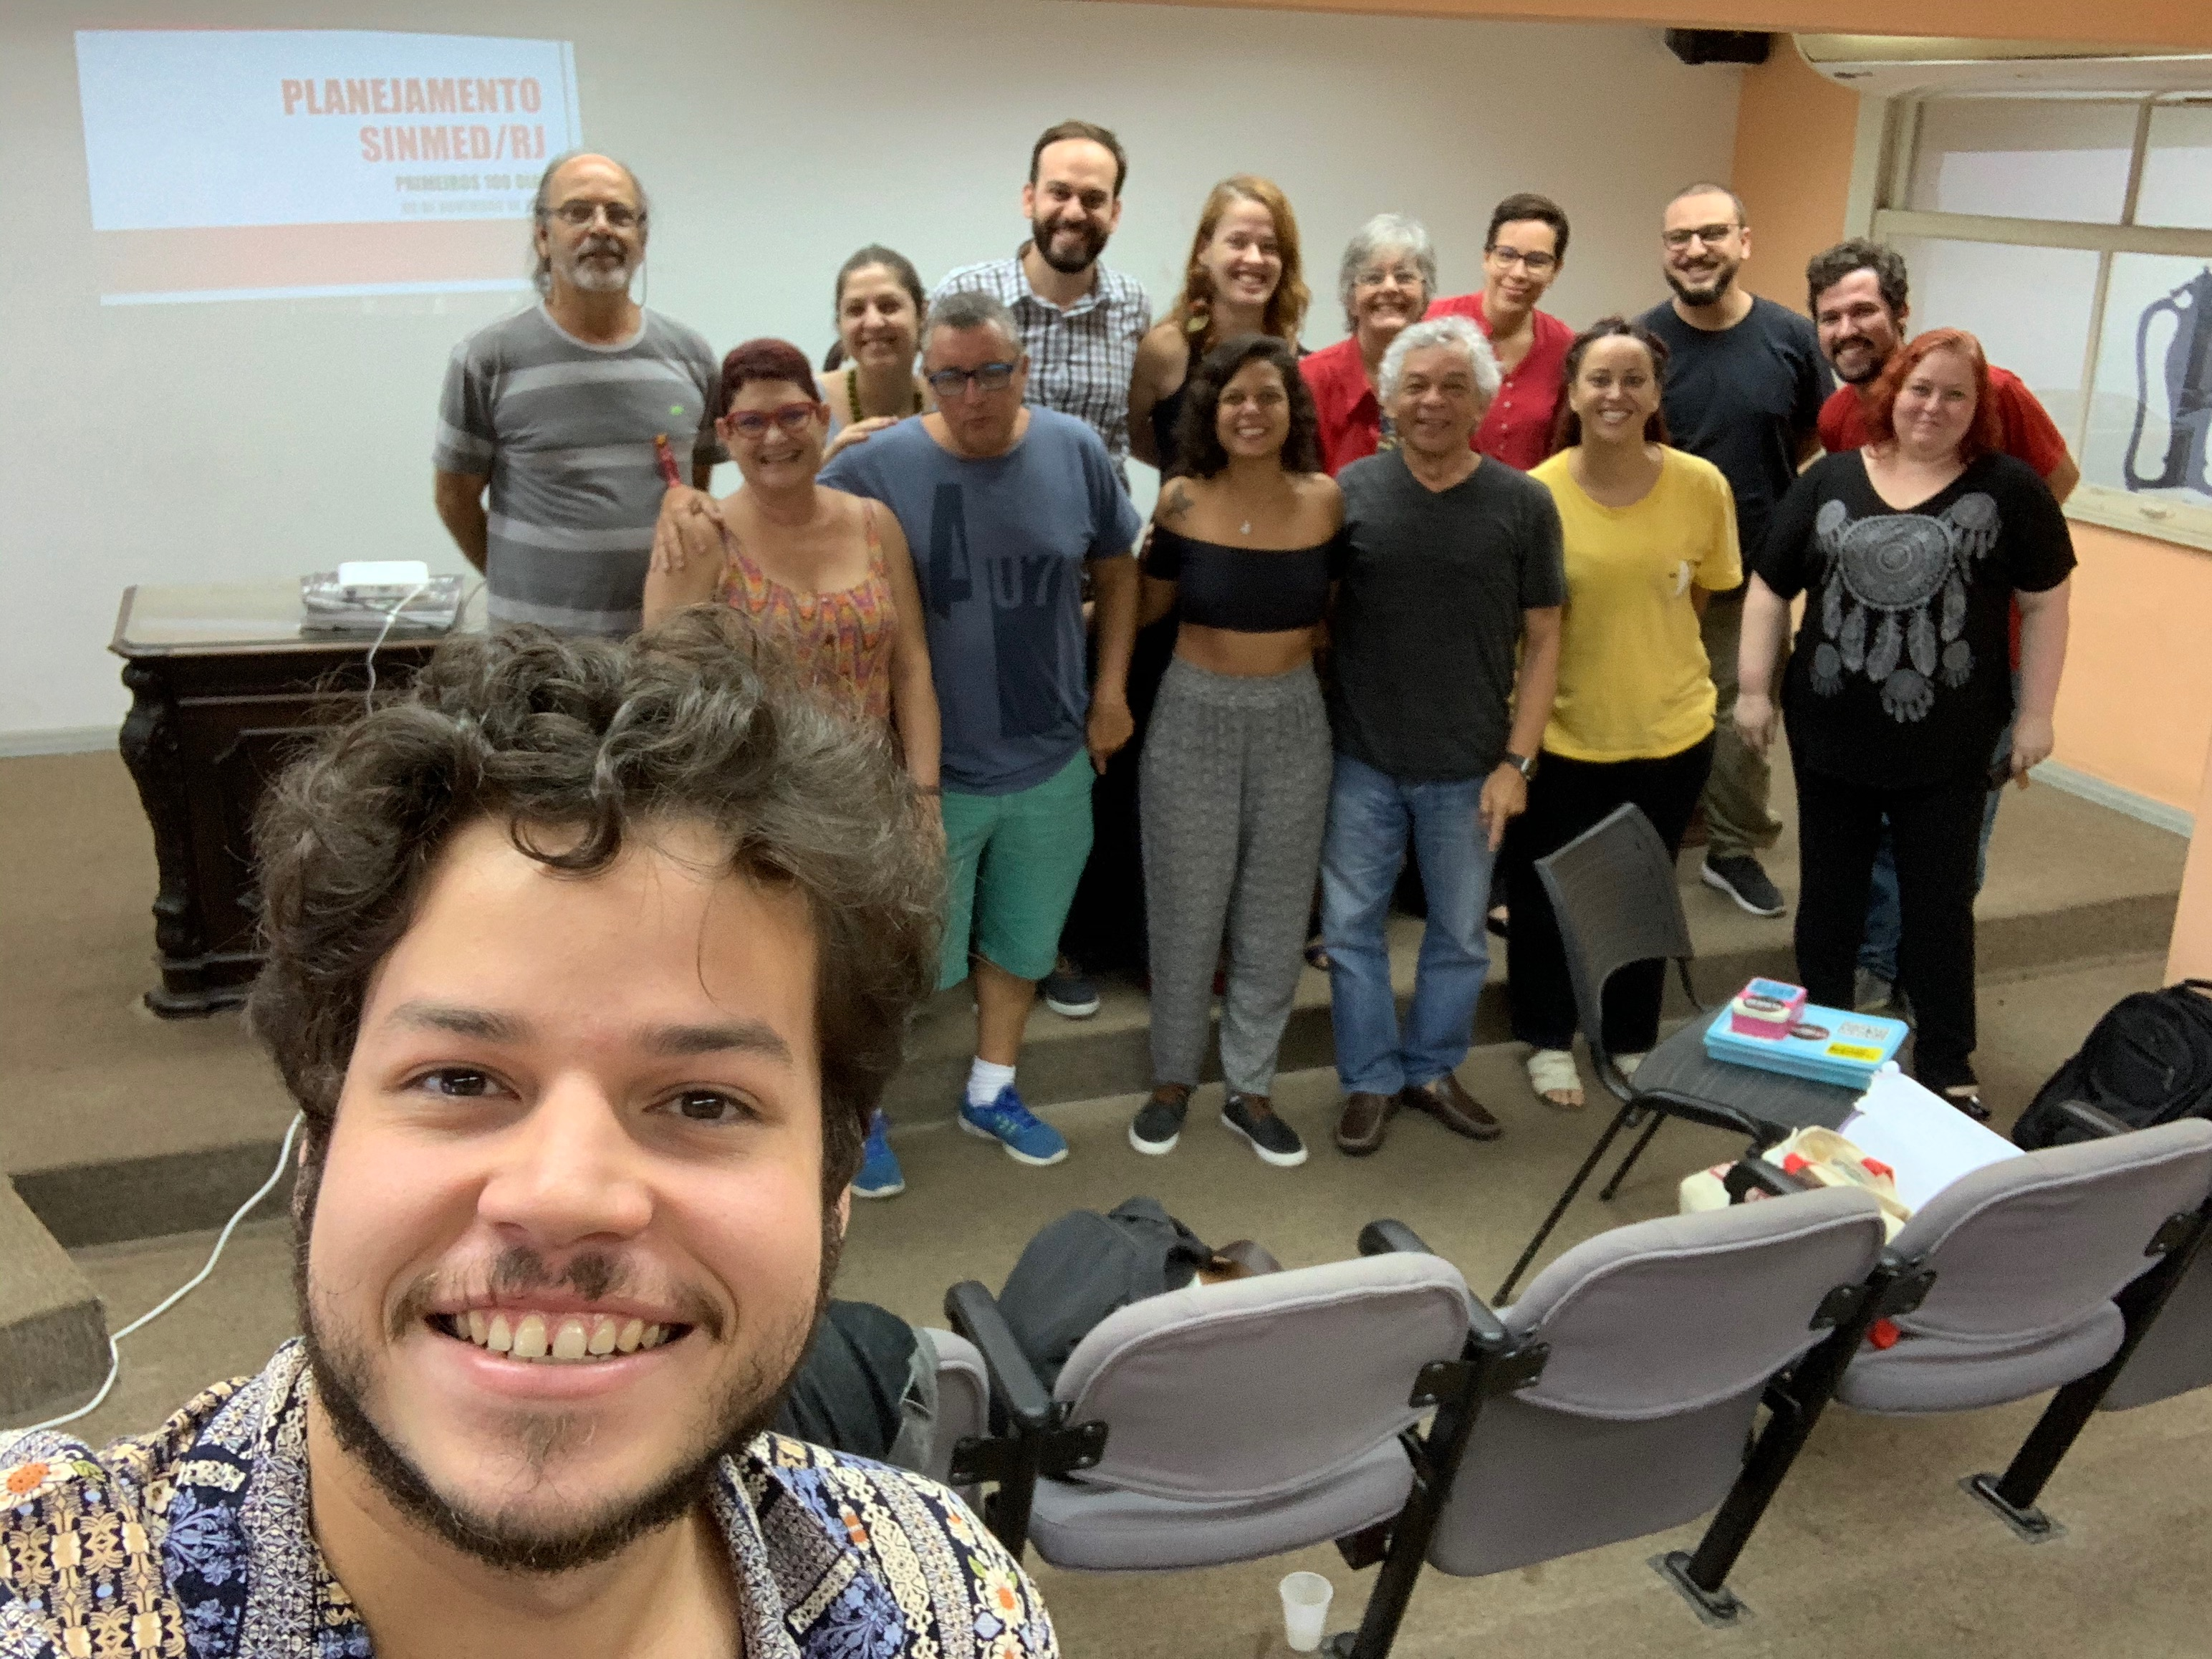 Seminário de Gestão da Nova Diretoria do SinMed